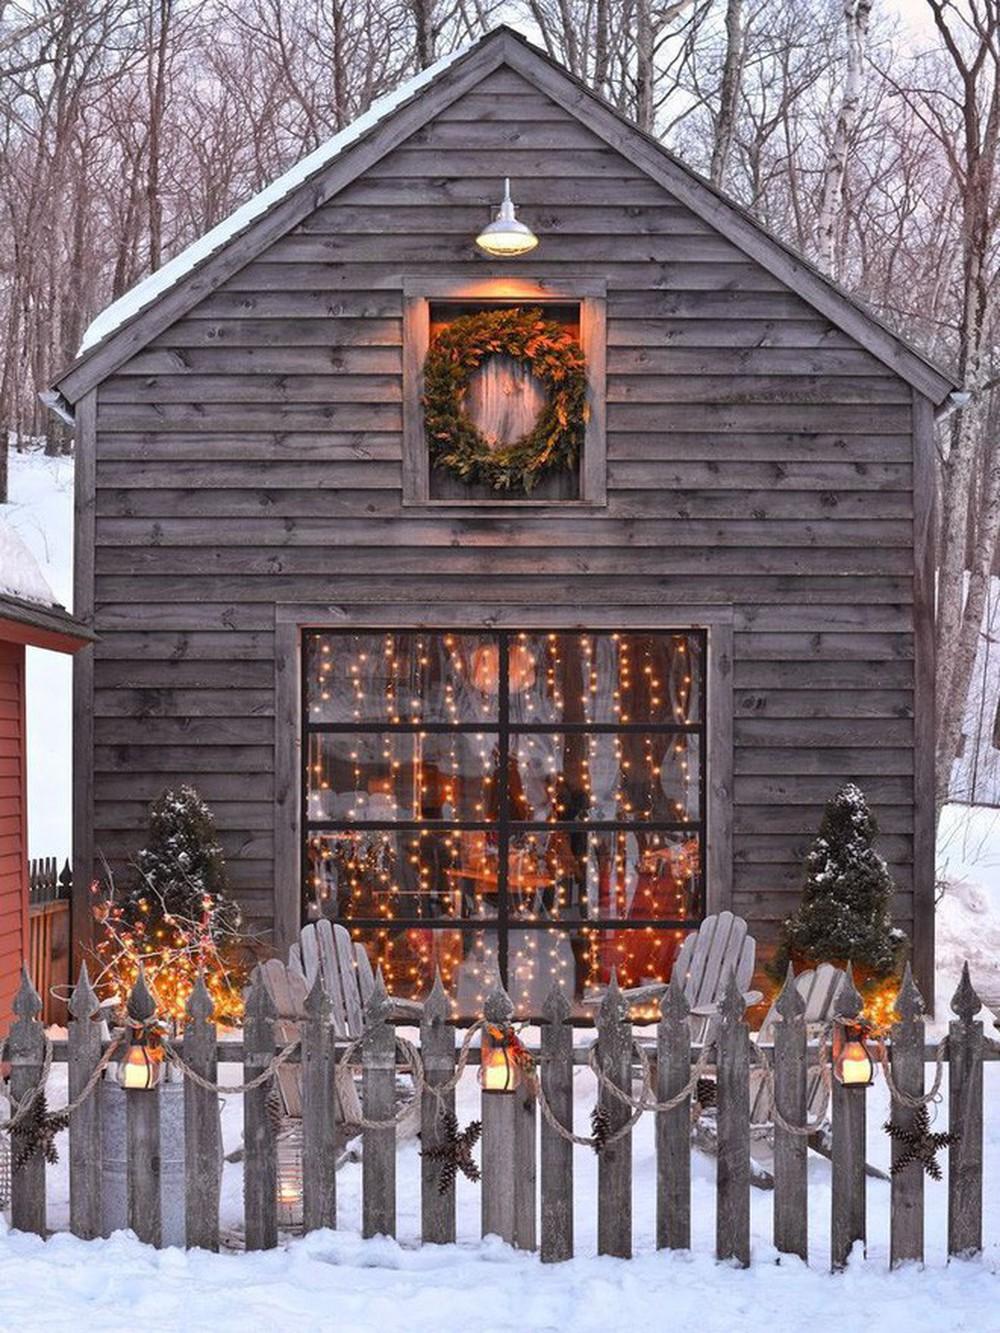 Những ngôi nhà trang hoàng lộng lẫy đón Noel đẹp đến mê mẩn giữa tuyết trắng - Ảnh 2.